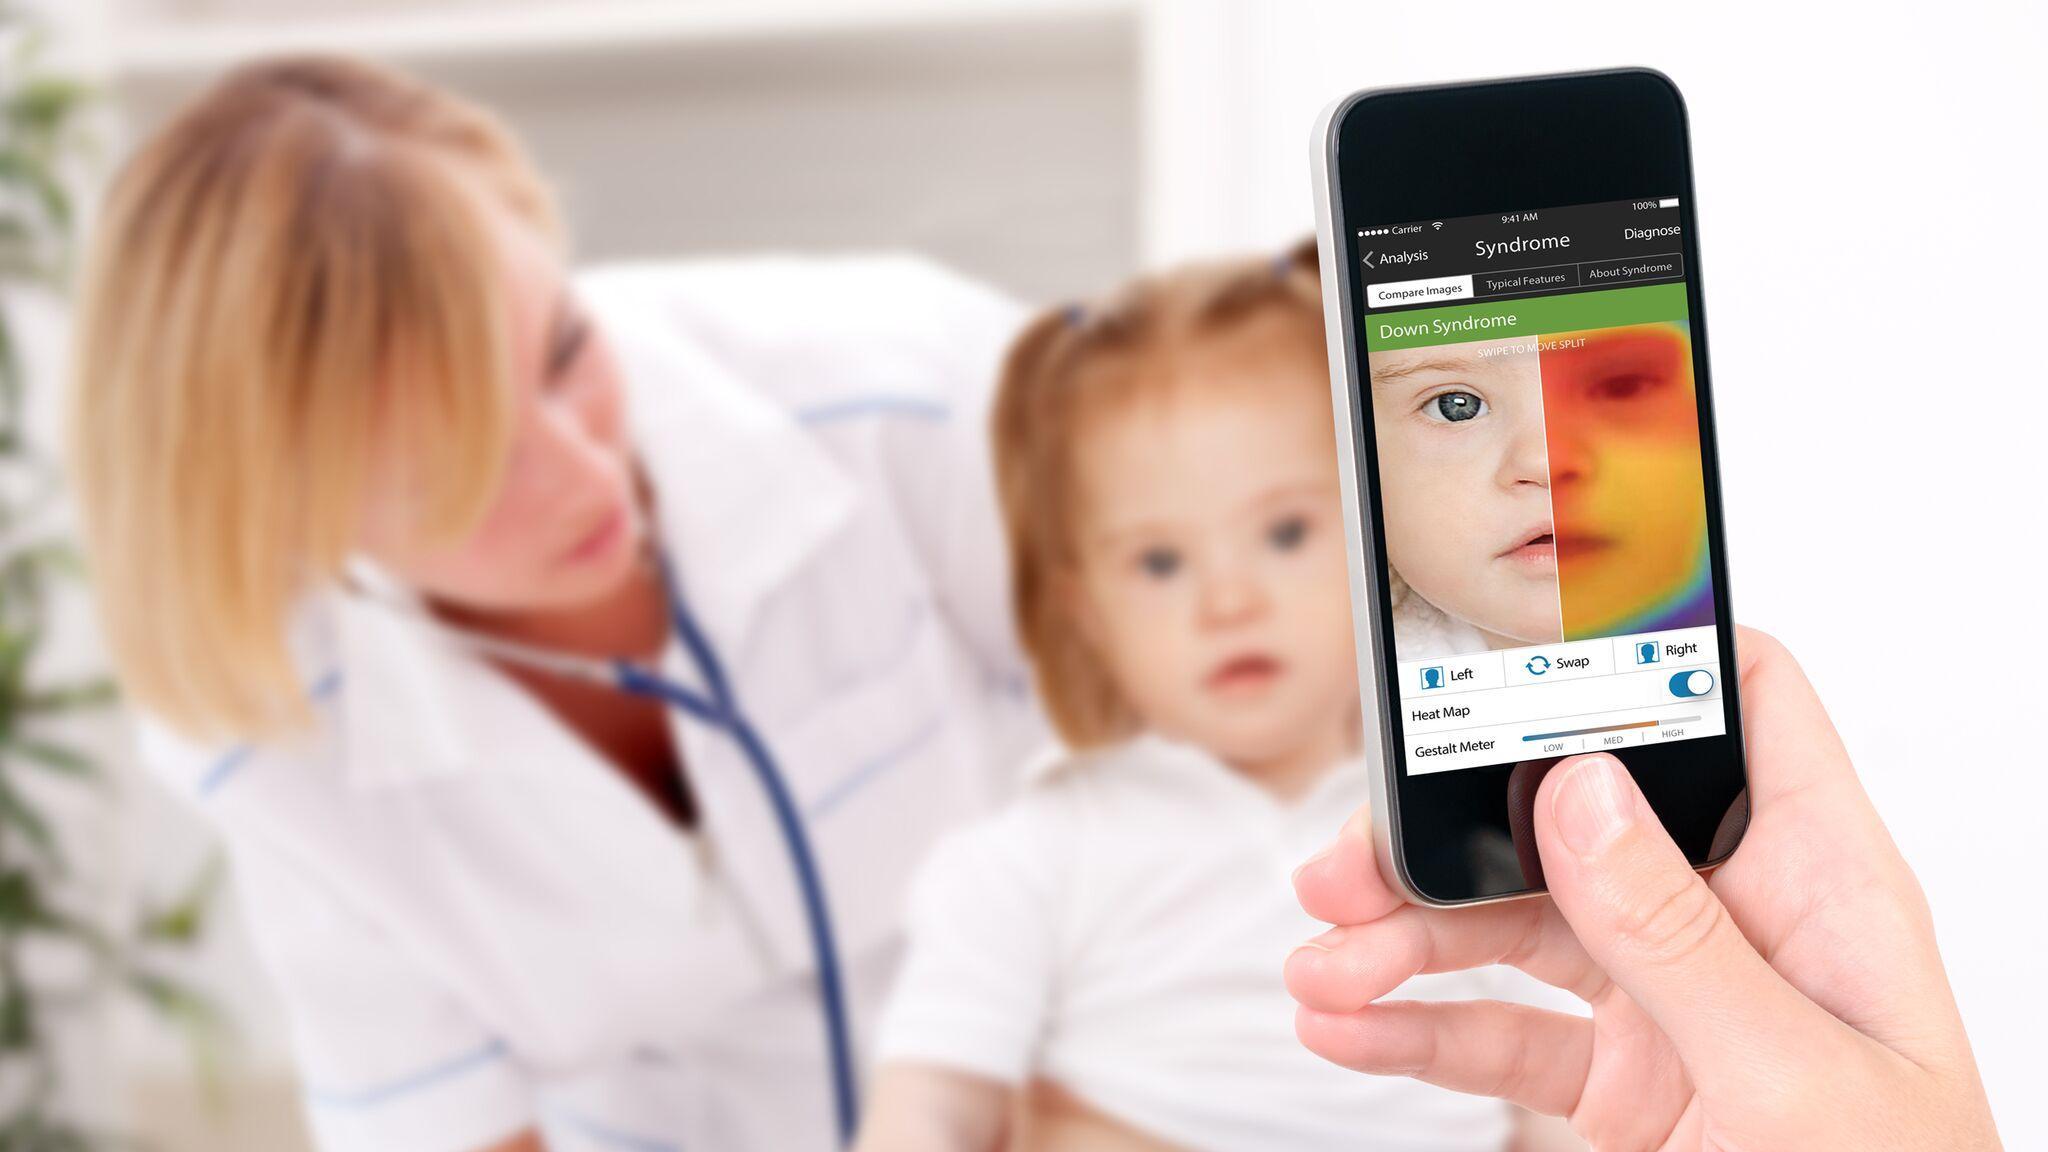 Приложение Face2Gene подтвердило диагноз по фотографии